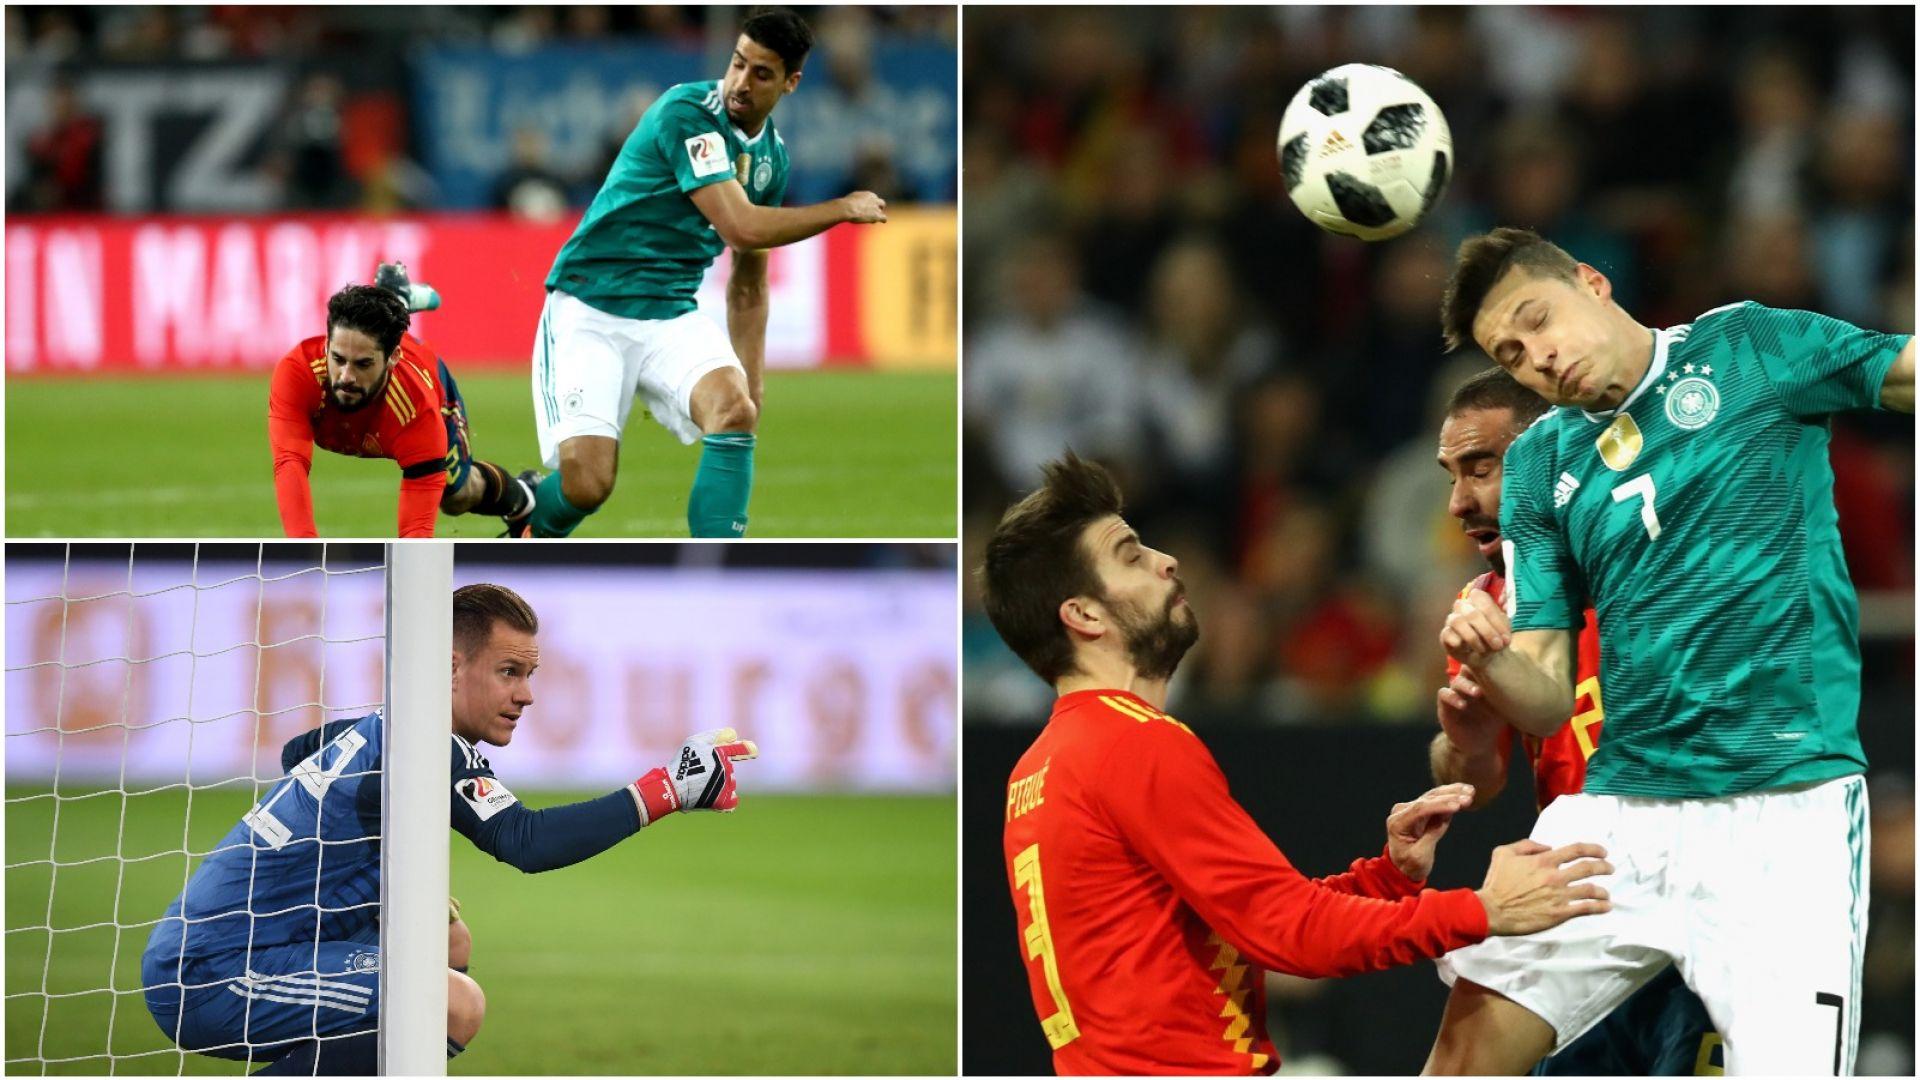 e6c90ebea Piłka nożna, mecz towarzyski Niemcy – Hiszpania (skrót)